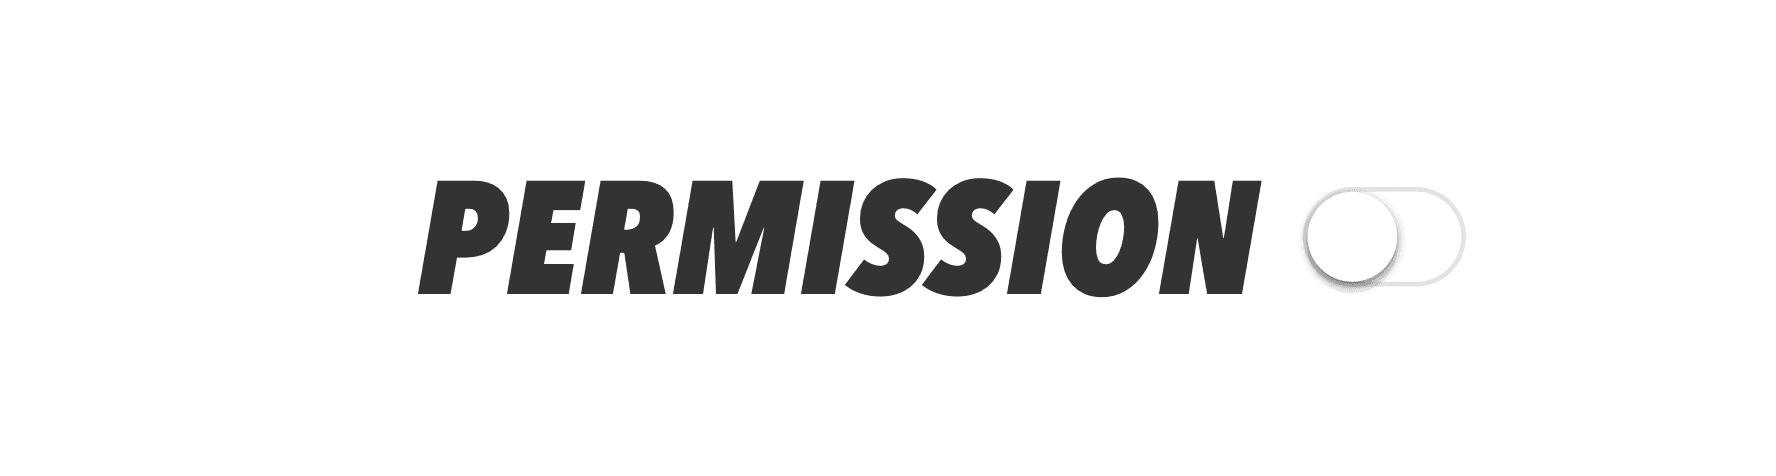 Dschee-Permission